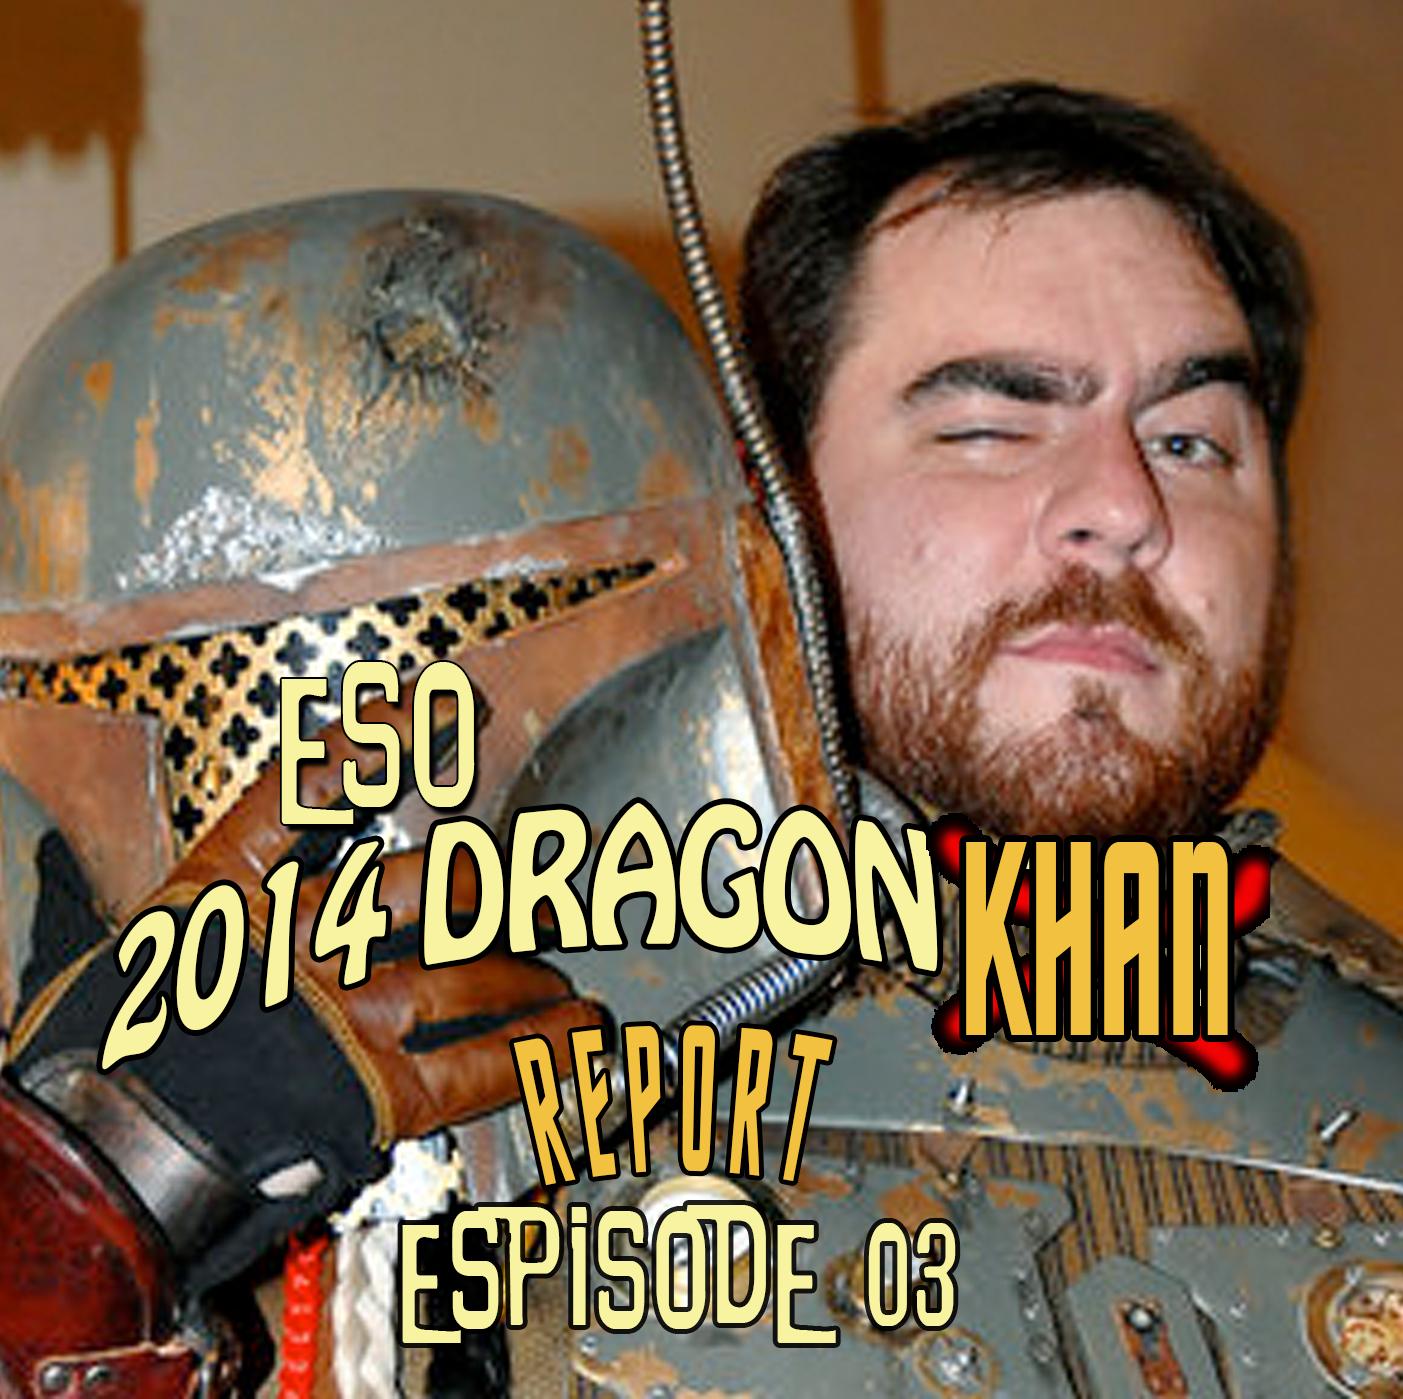 ESO DragonCon 2014 Khan Report Ep 3